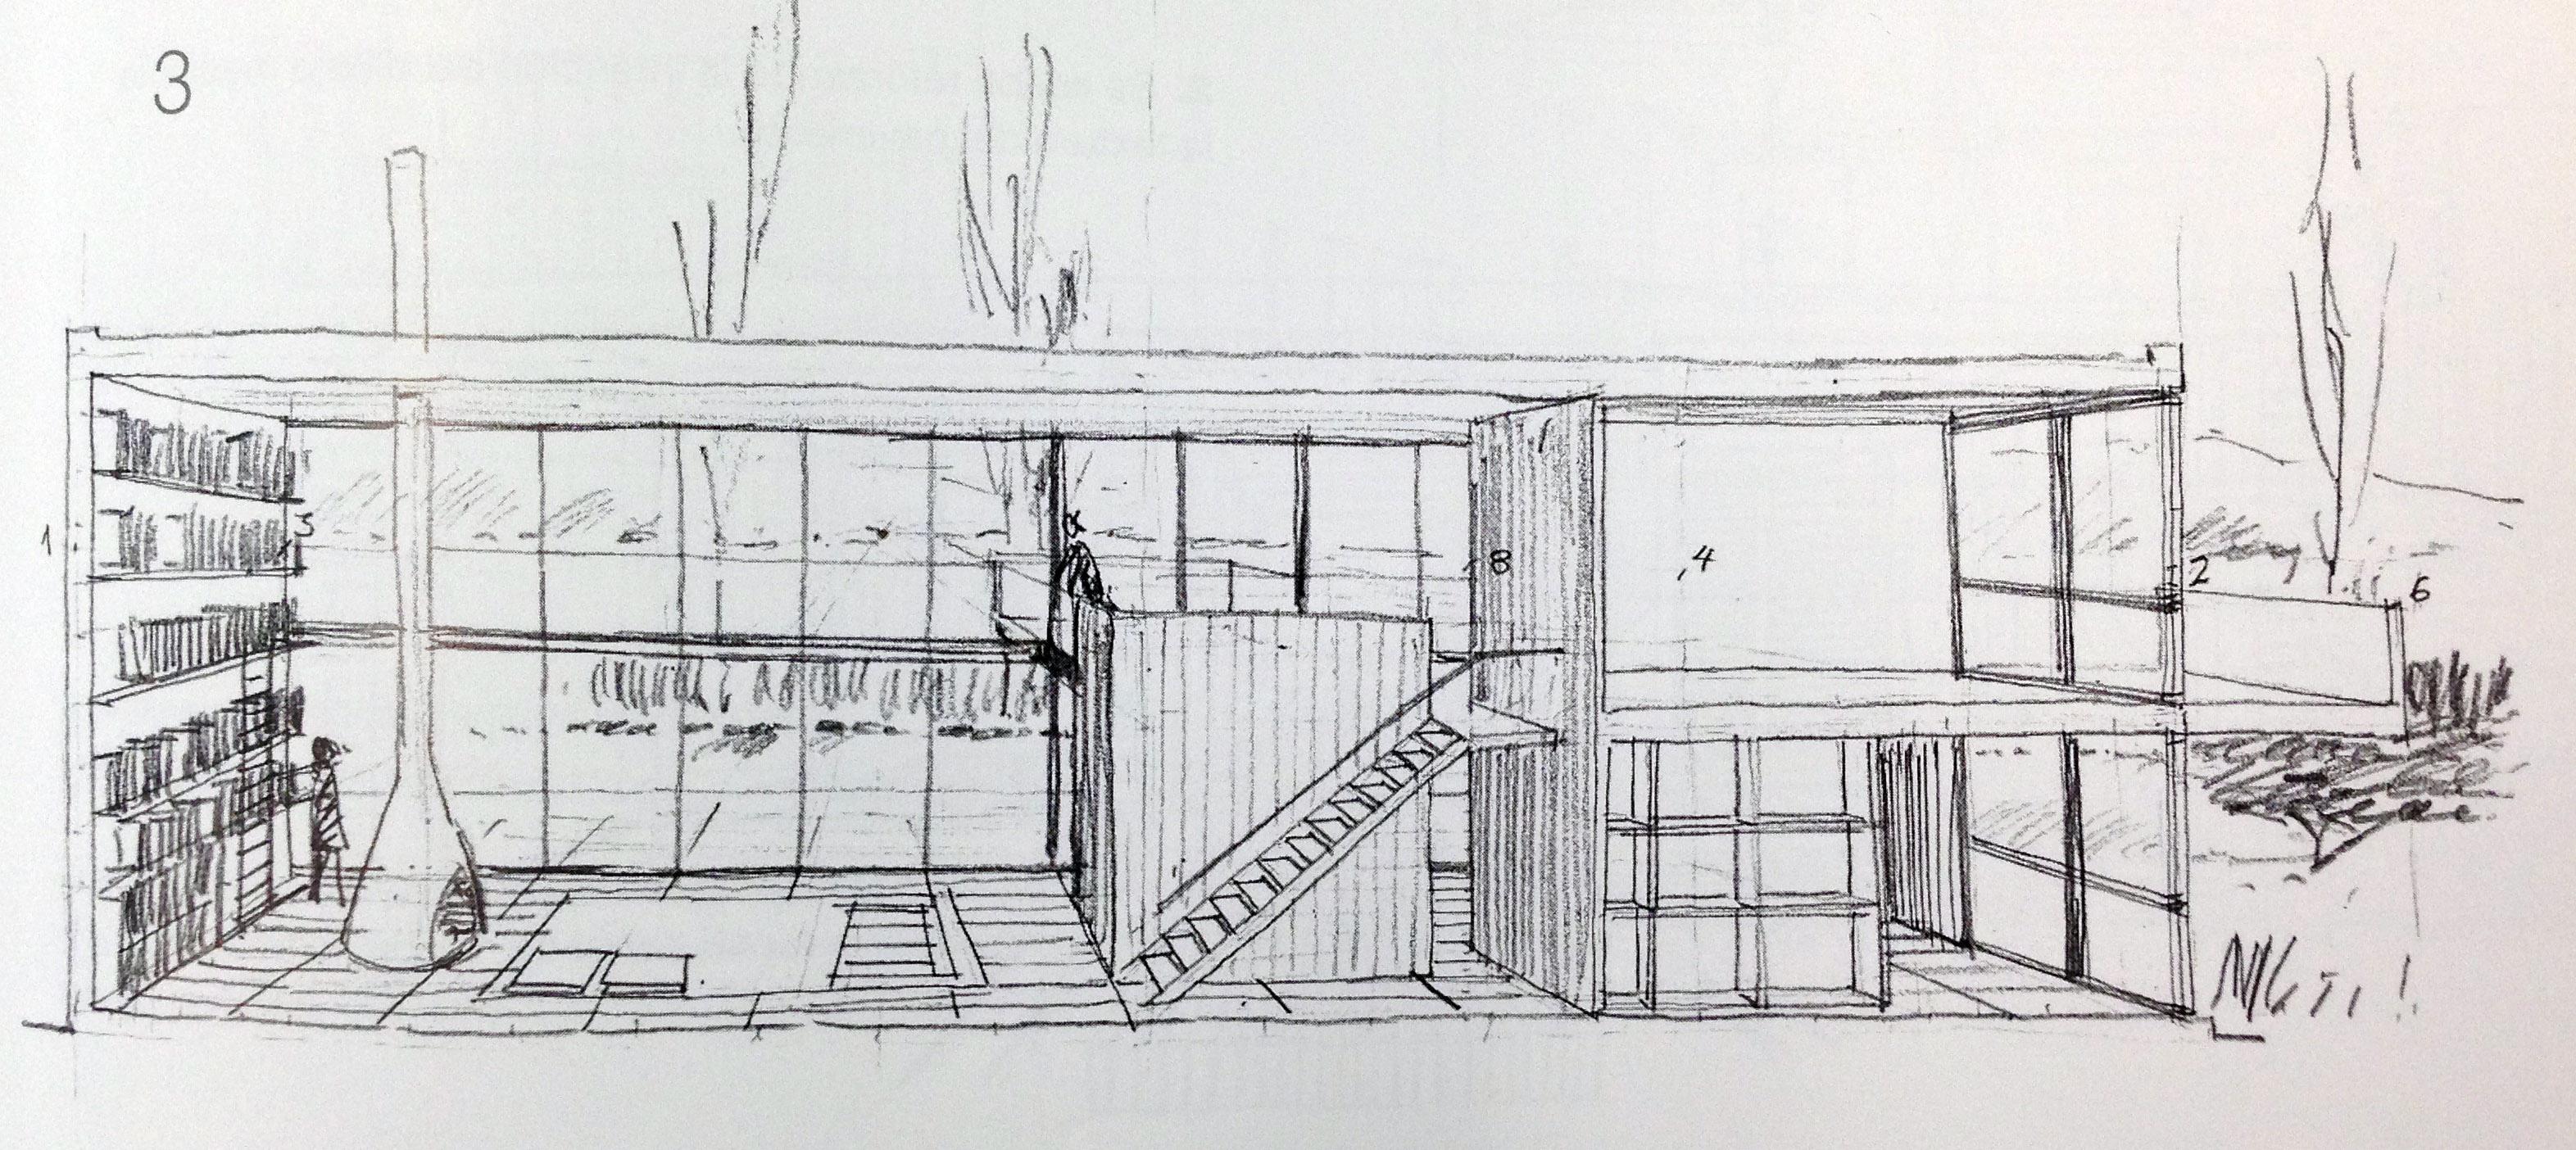 Libros Sobre Dibujo De Arquitectura An Lisis De Formas